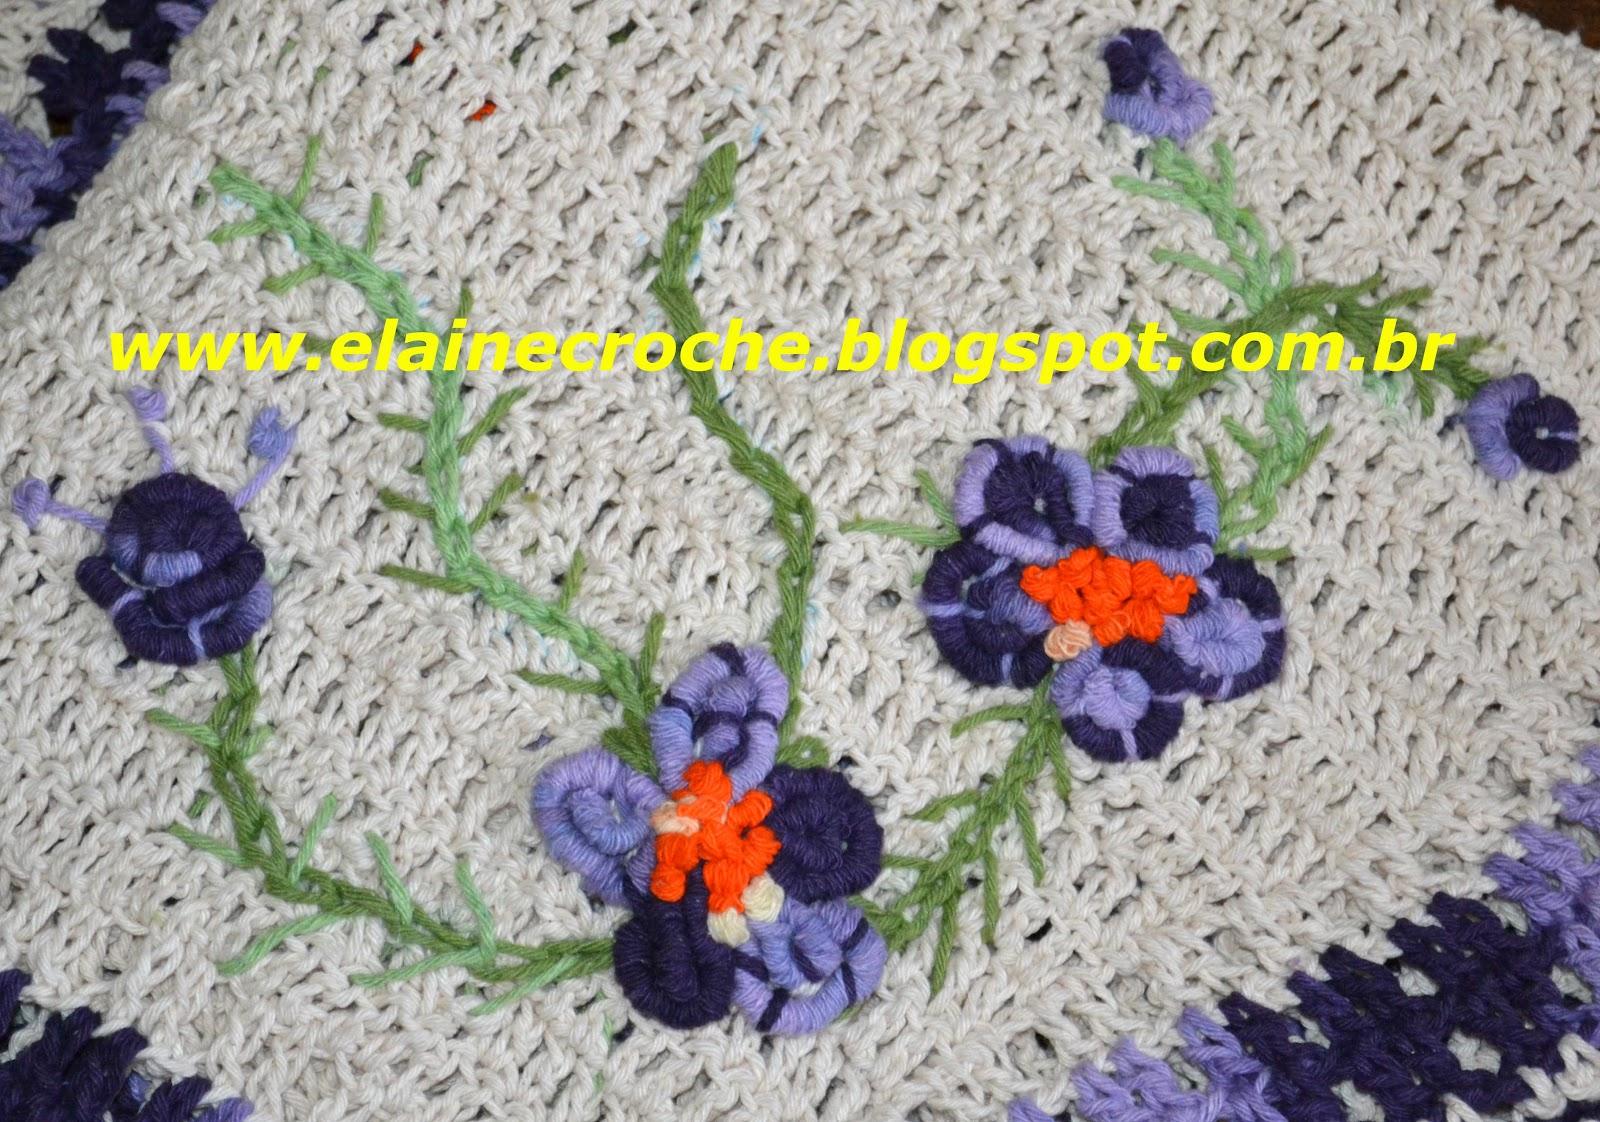 #BEC00B de crochê tricô e bordado mostradas no blog estão disponíveis para  1600x1122 px tapete de banheiro em frances